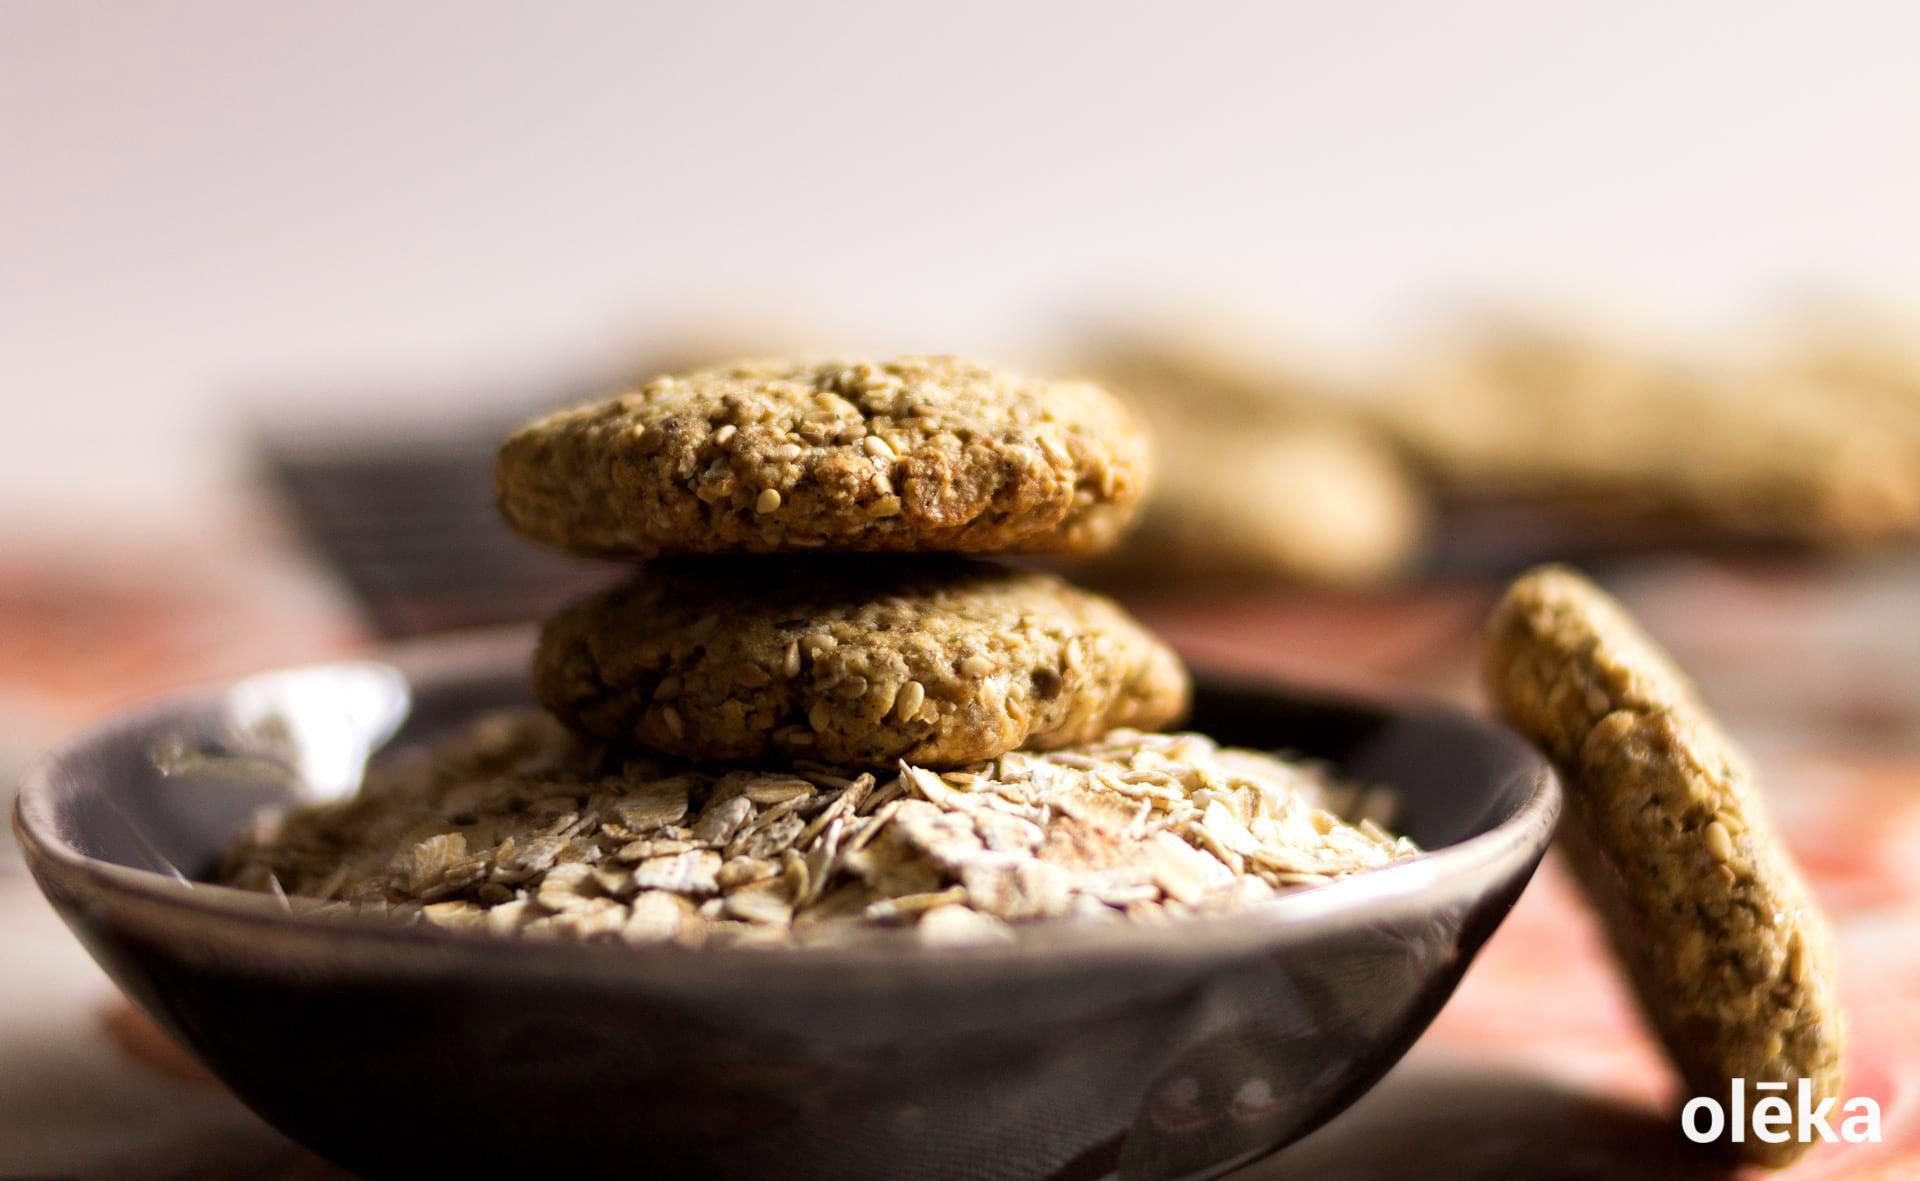 galletas integrales de centeno, avena y sesamo